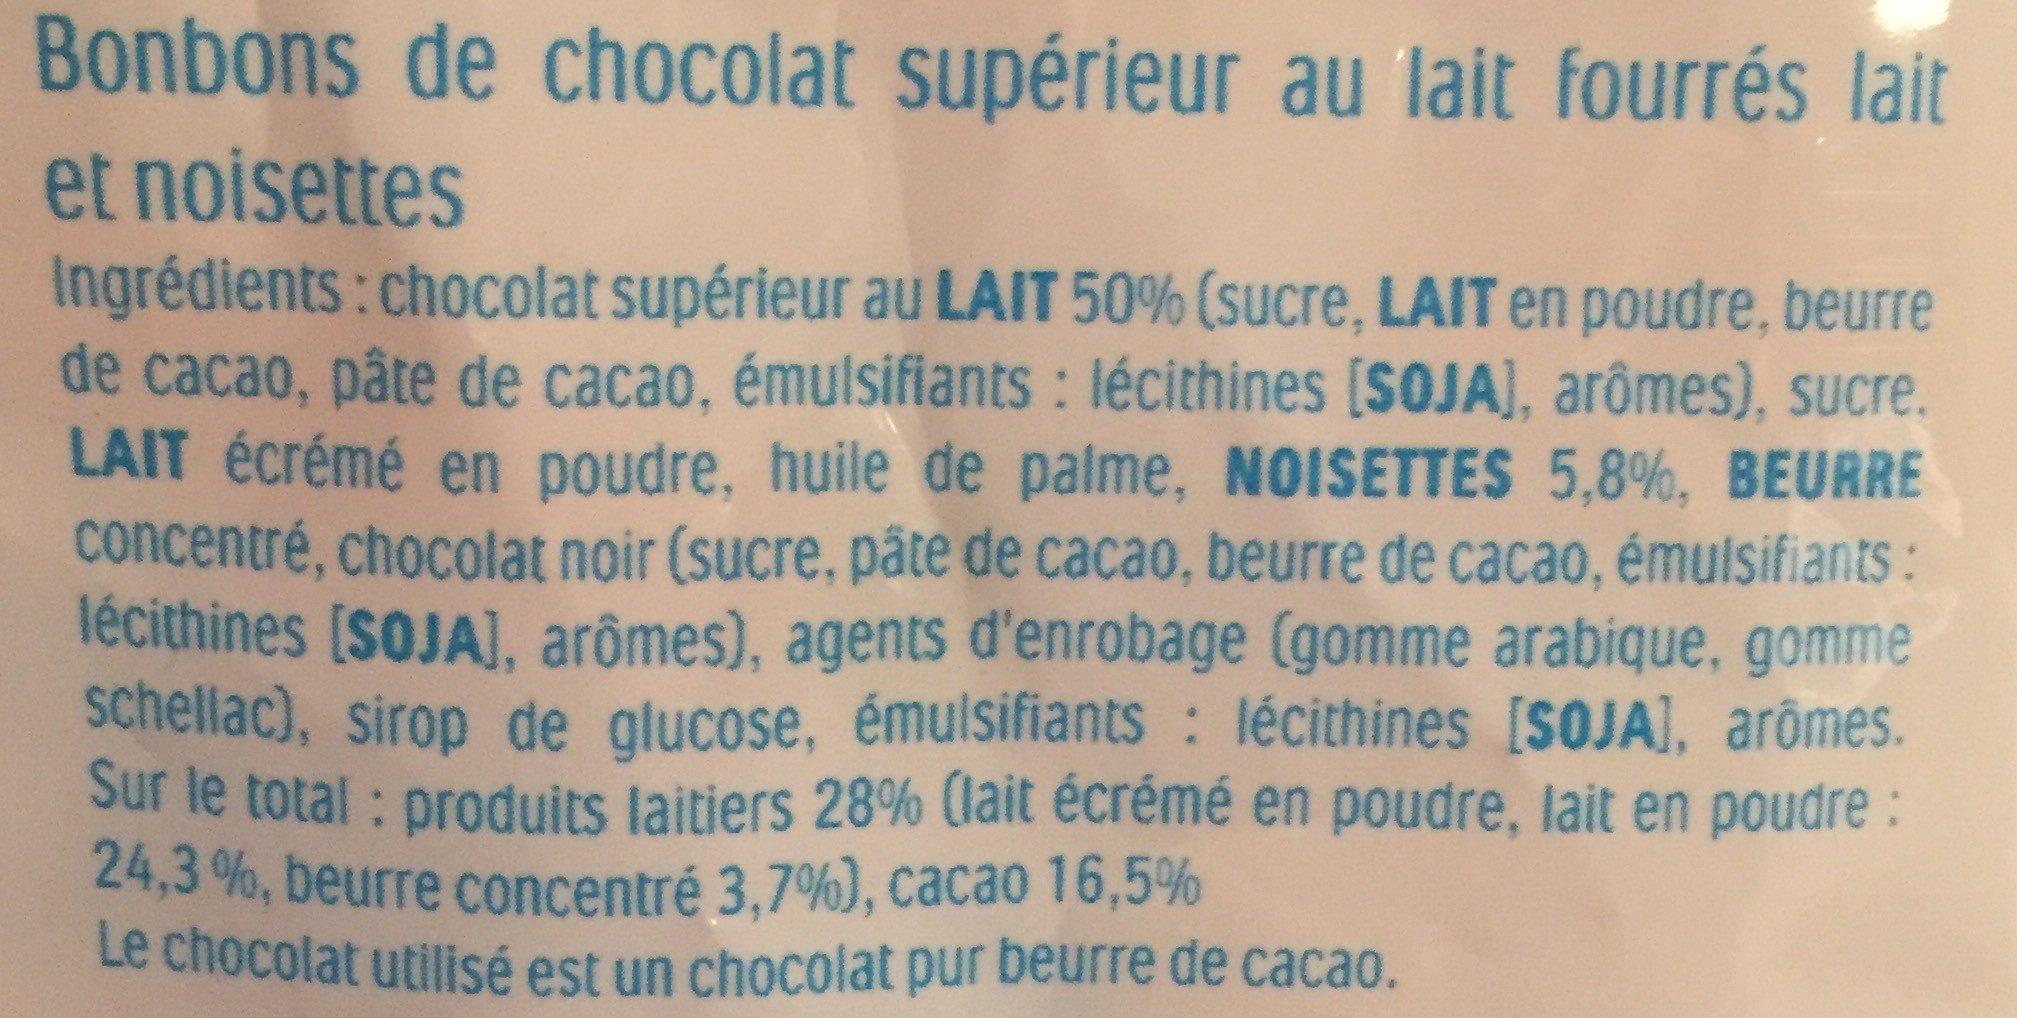 Kinder schokobons bonbons de chocolat au lait fourres lait et noisettes sachet - Ingredienti - fr